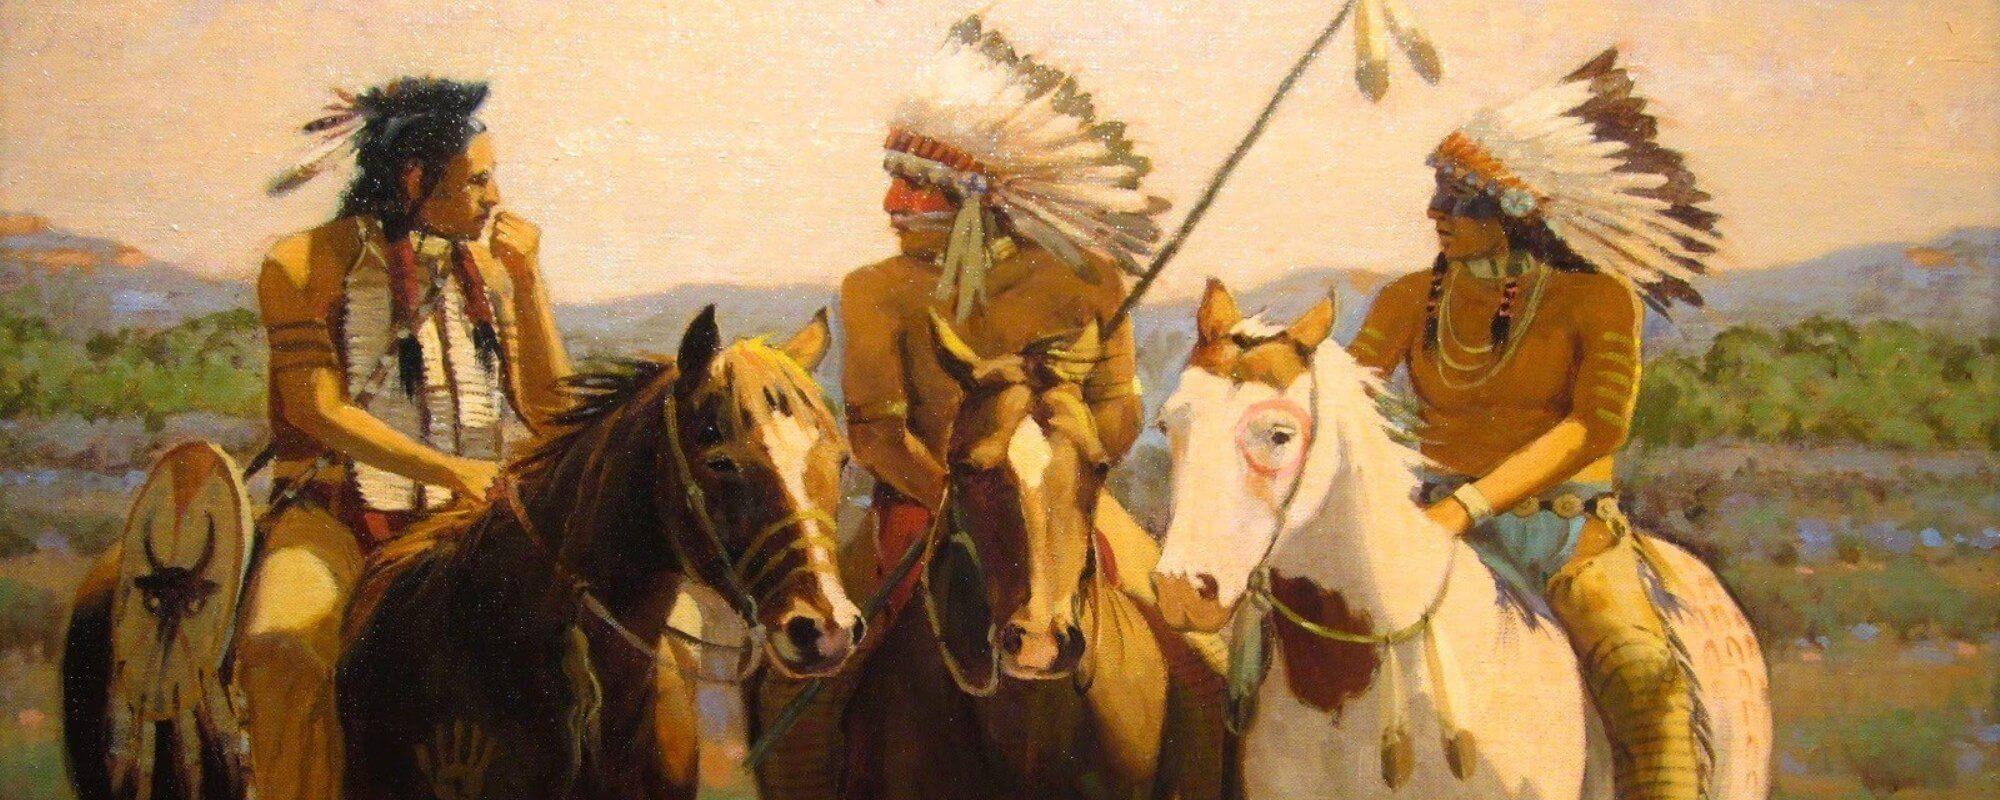 apache-indians